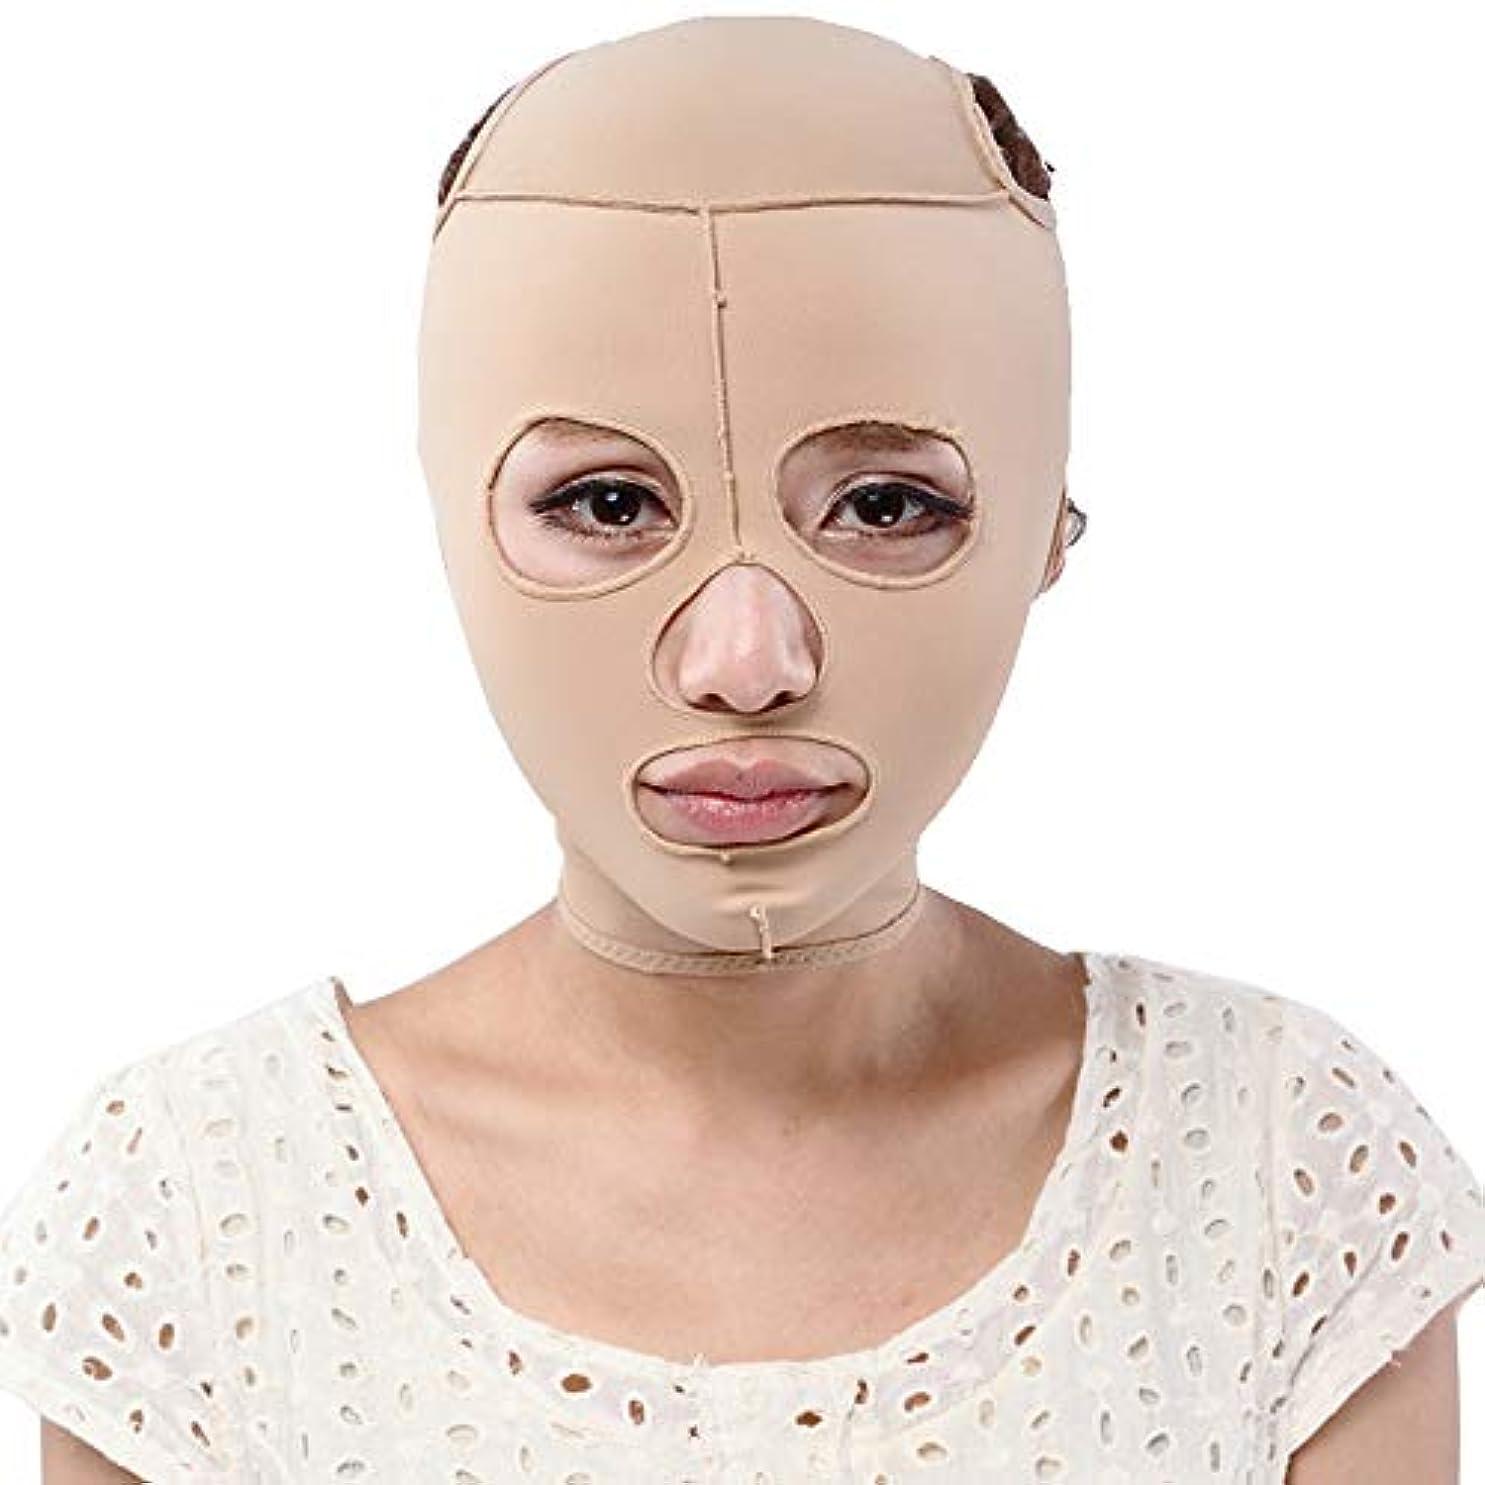 干ばつ準備する副産物睡眠薄い顔の包帯、ダブル顎の顔を持ち上げる小物V顔マスクタイプリフティングフェイシャル,S